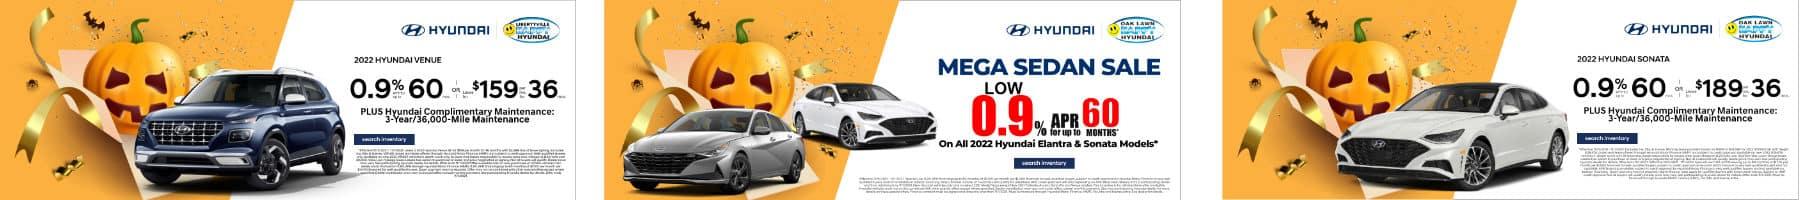 Happy Hyundai_VRP_1800x200_October_2021_V_2